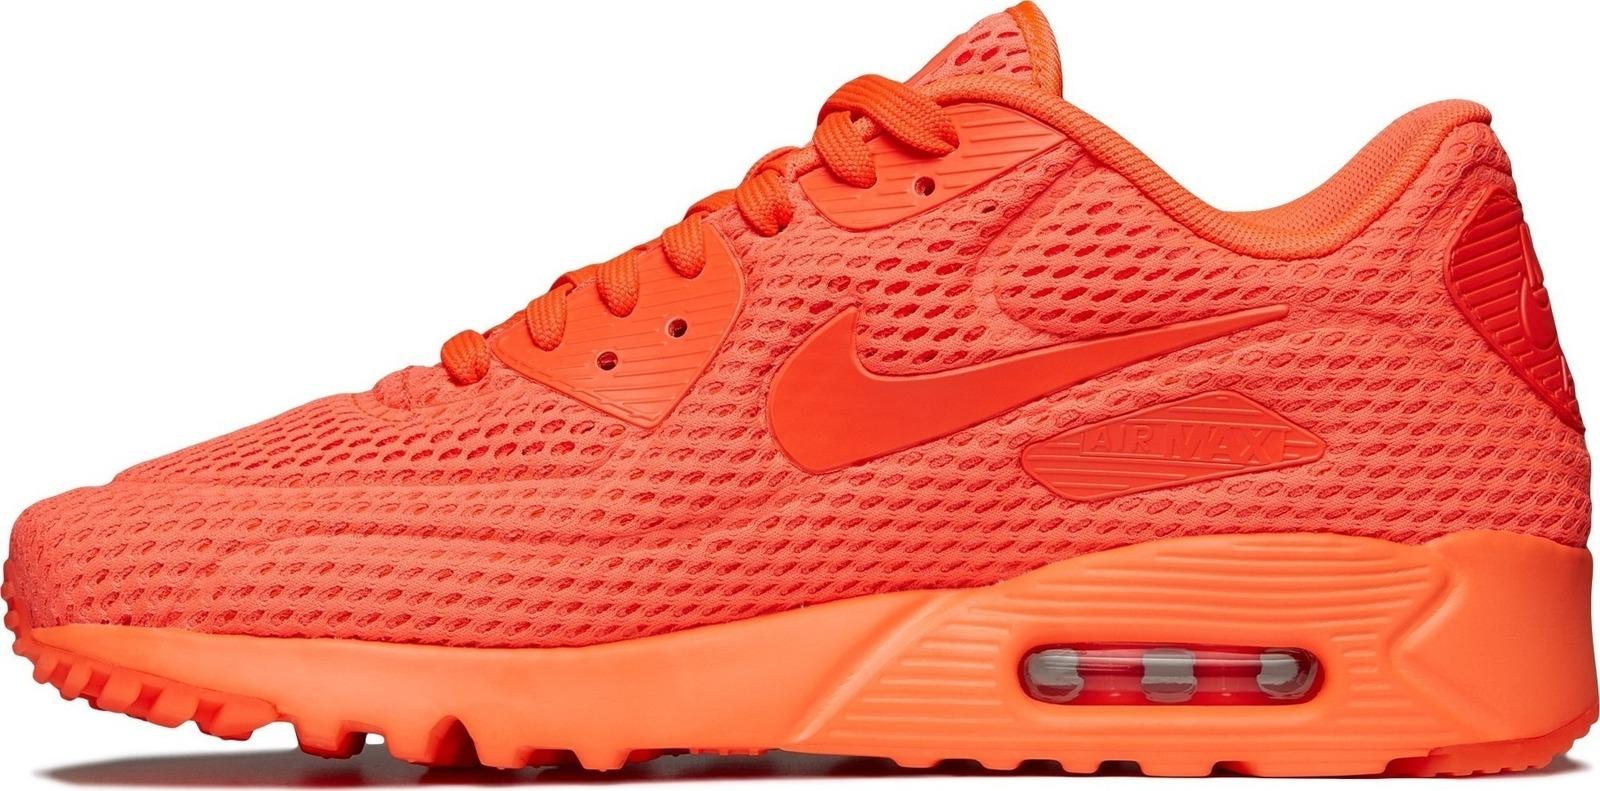 profesjonalna sprzedaż najtańszy różne style Nike Air Max 90 Ultra BR 725222-800 - Skroutz.gr